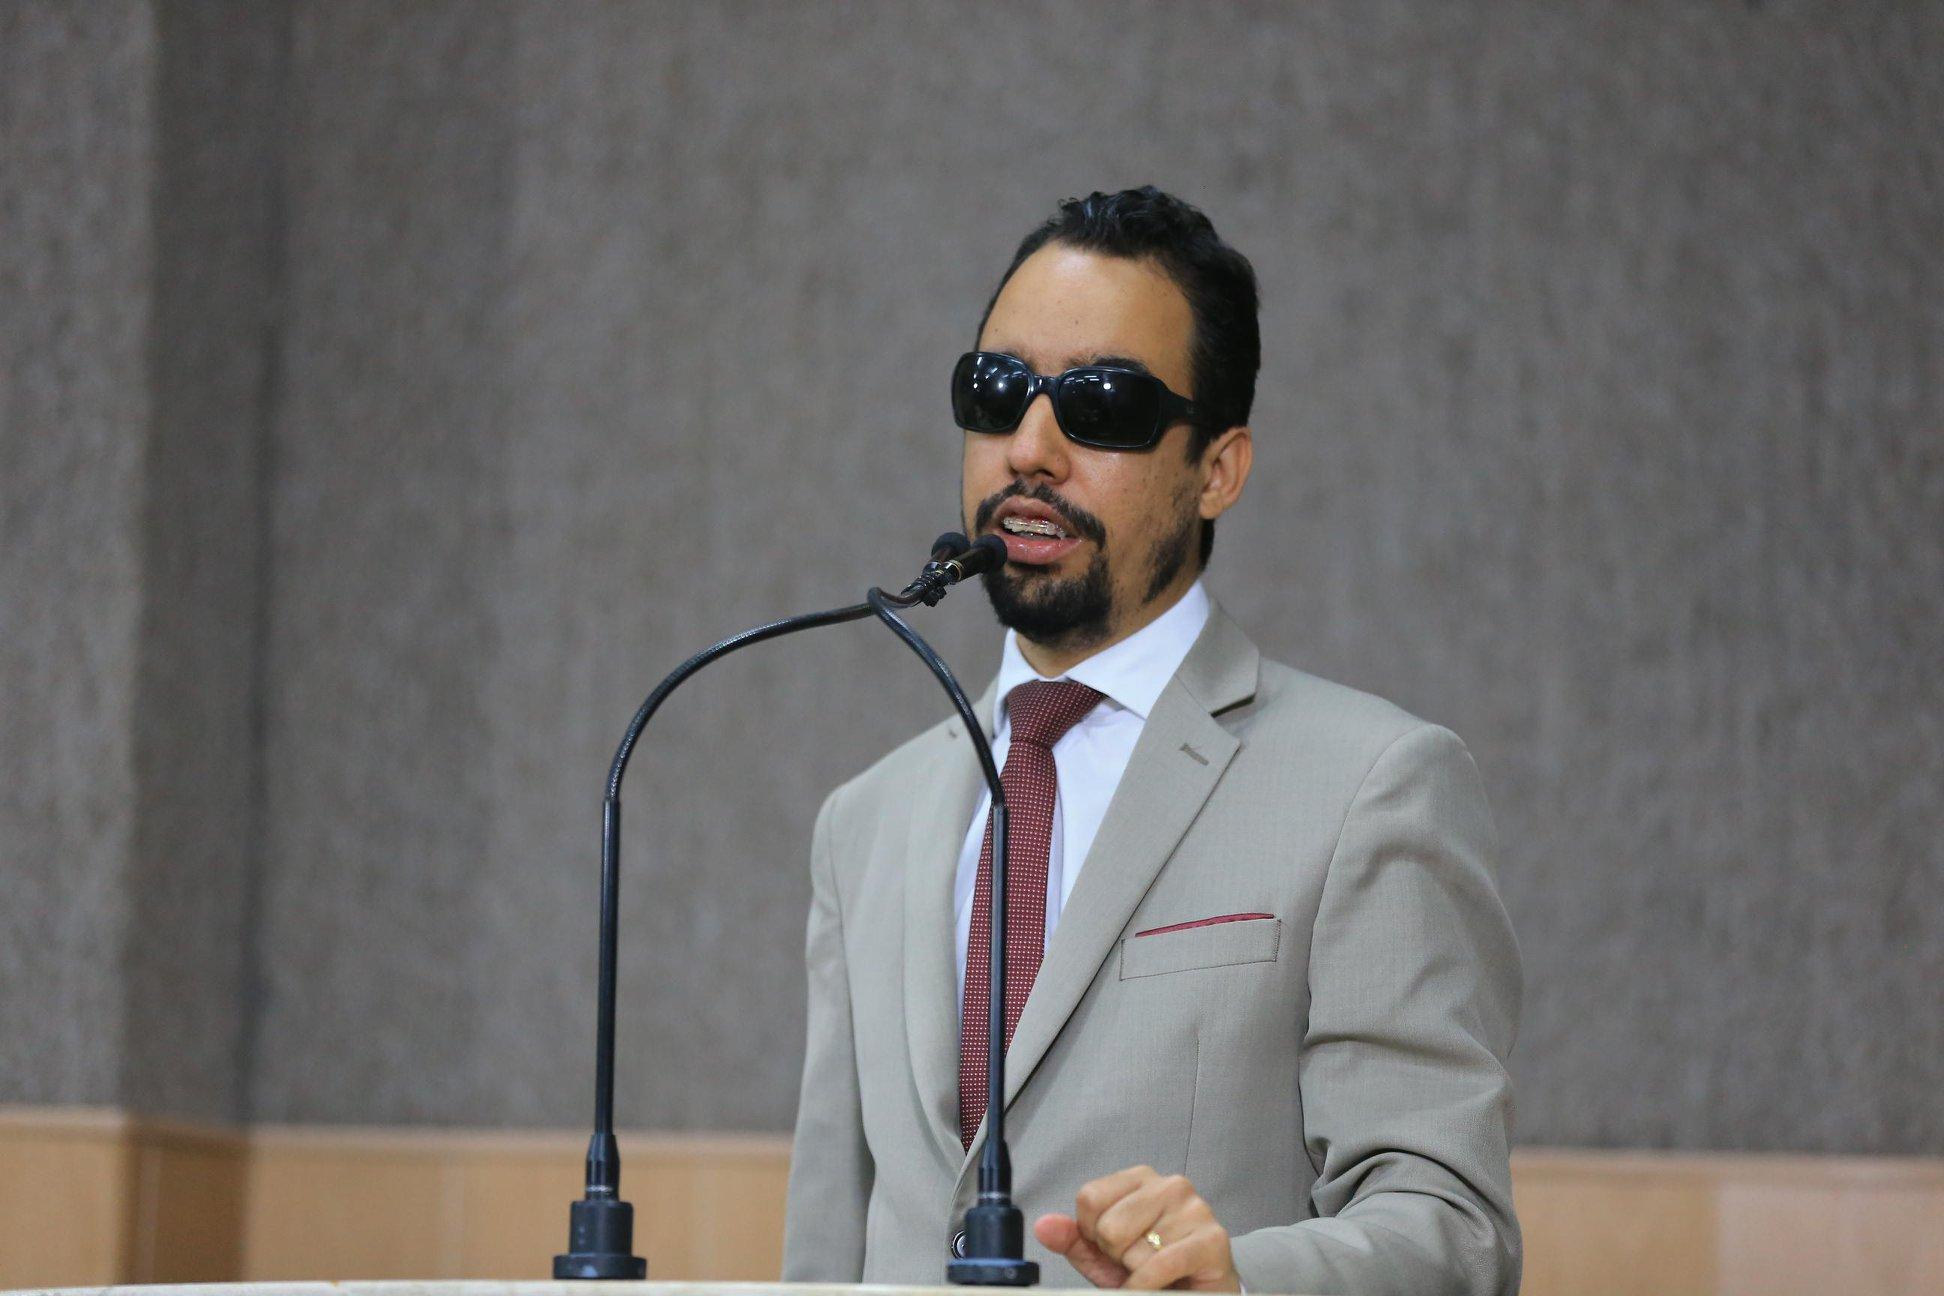 #PraTodoMundoVer Lucas Aribé está em pé na tribuna falando ao microfone. Ele usa terno cinza, camisa branca e gravata vermelha. (Foto: César Oliveira)